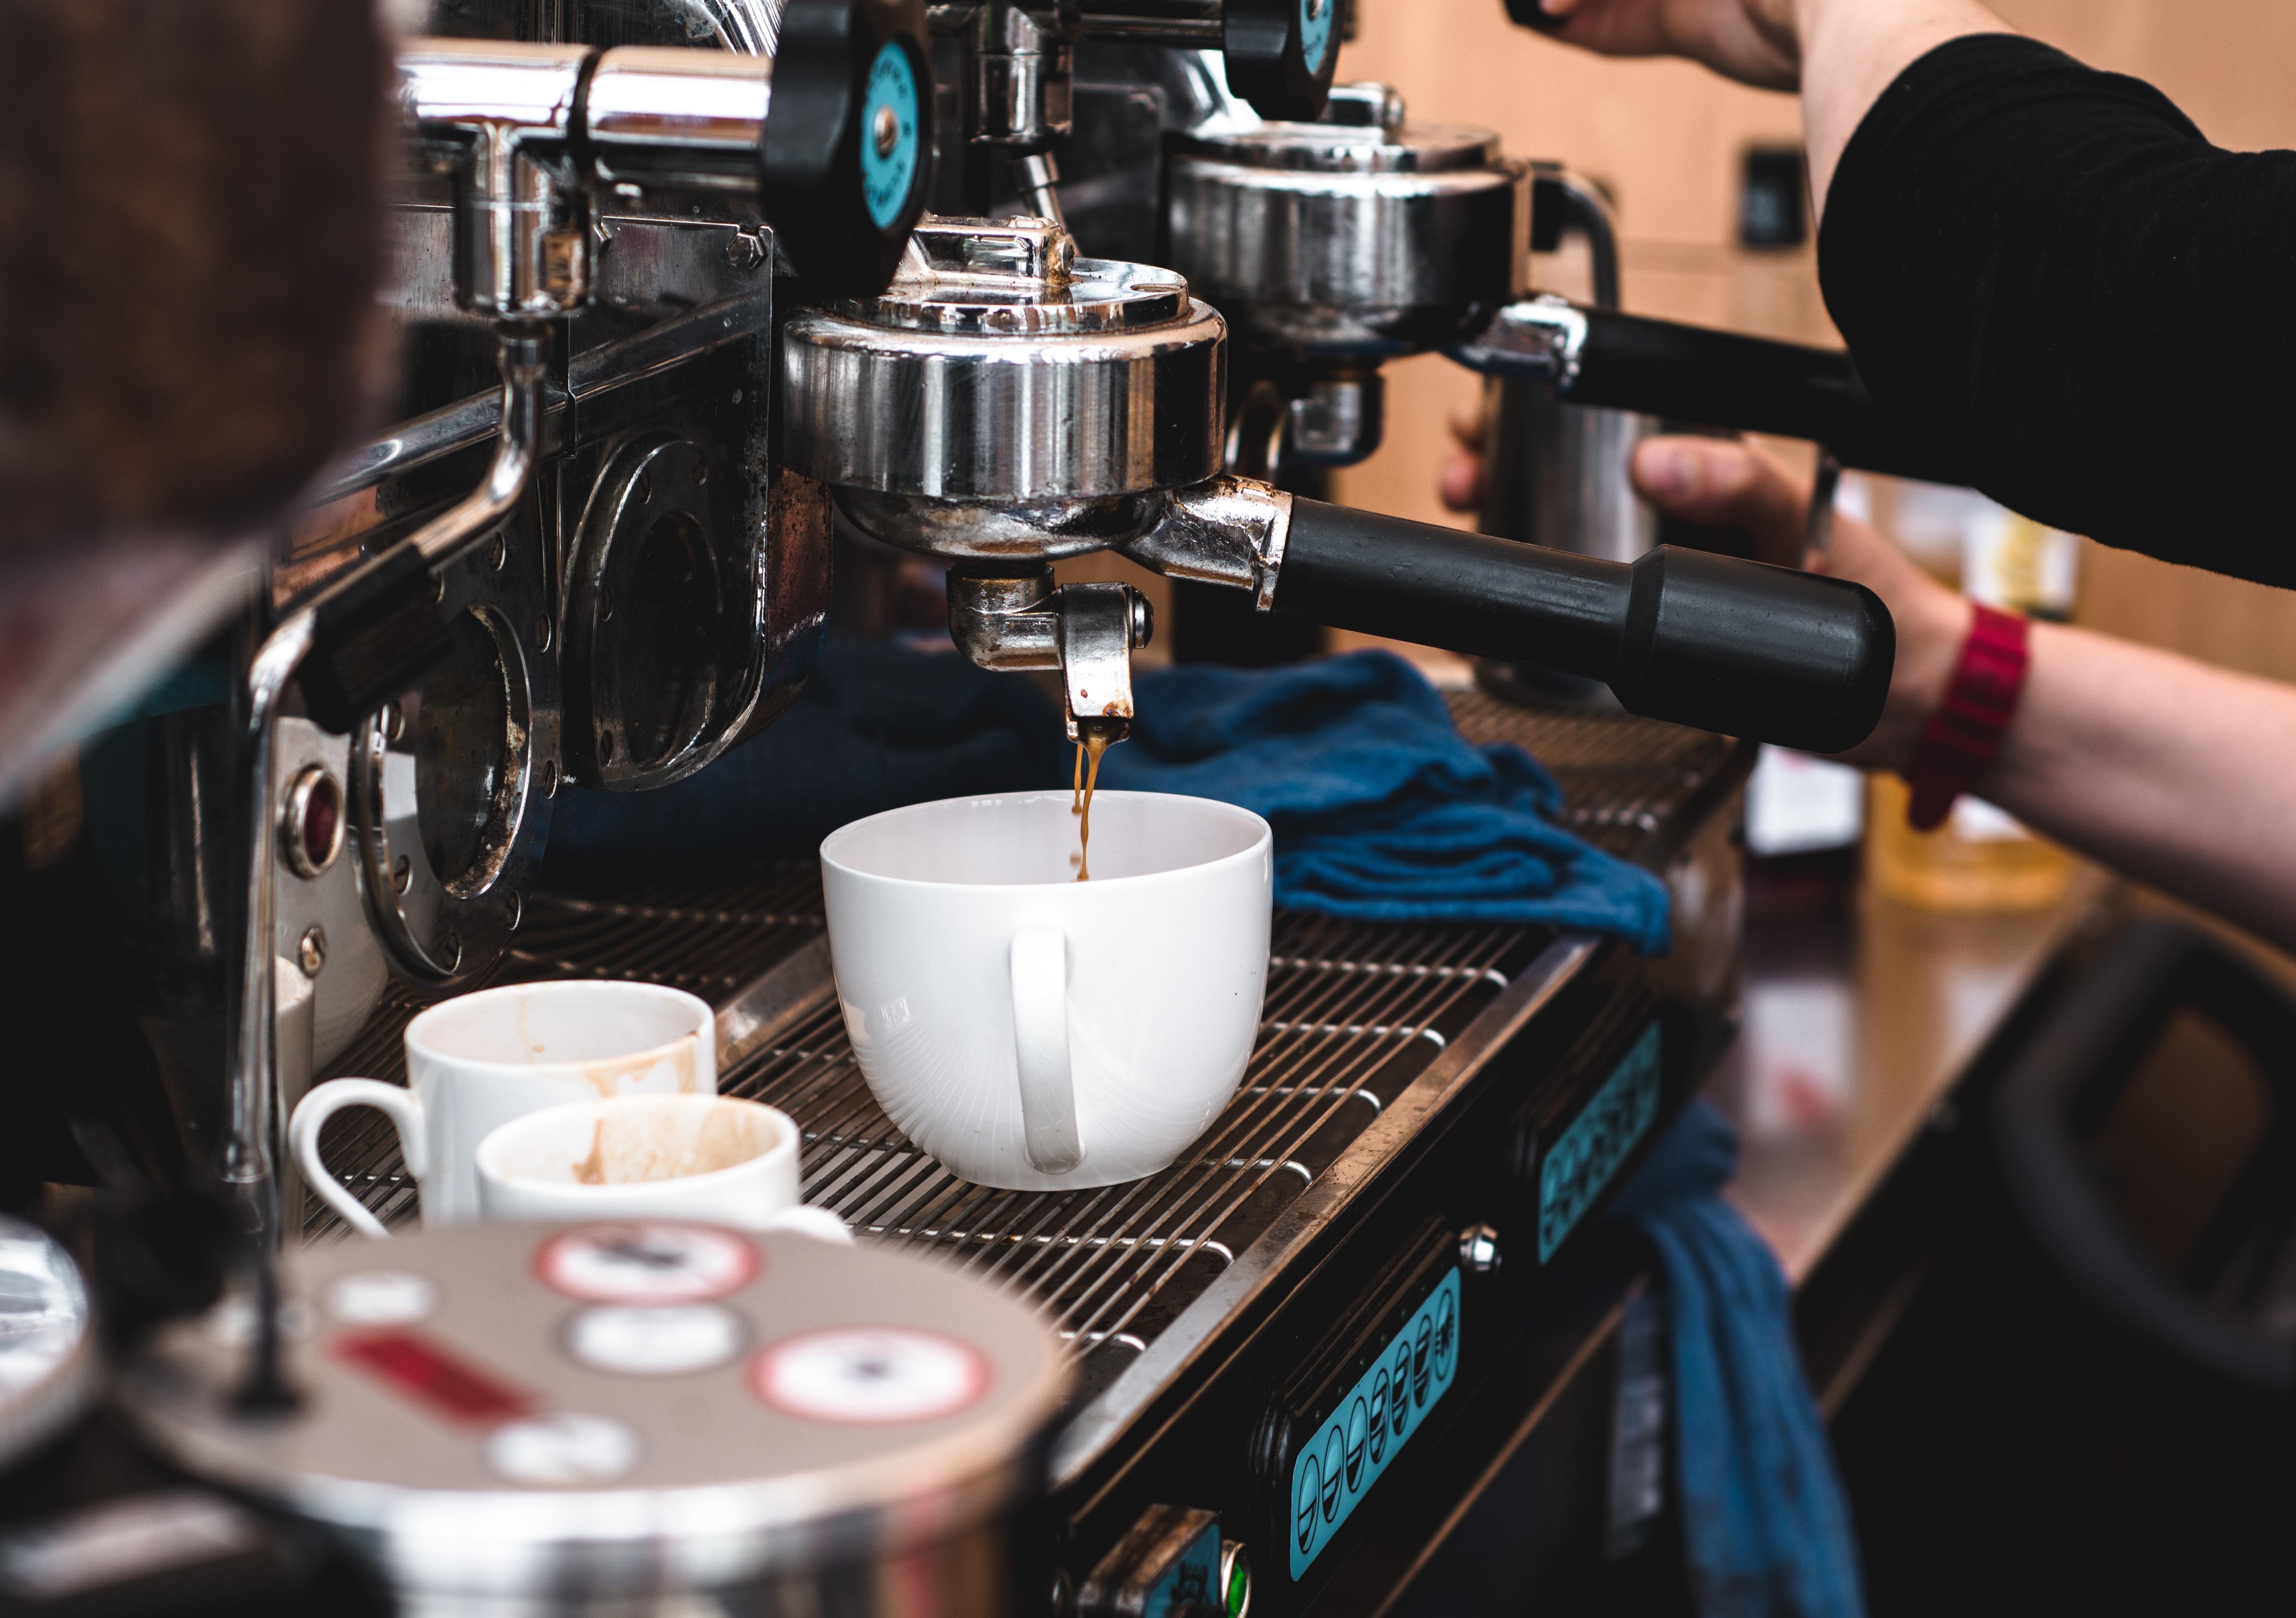 Hvad skal jeg overveje ved køb af en ny kaffemaskine?